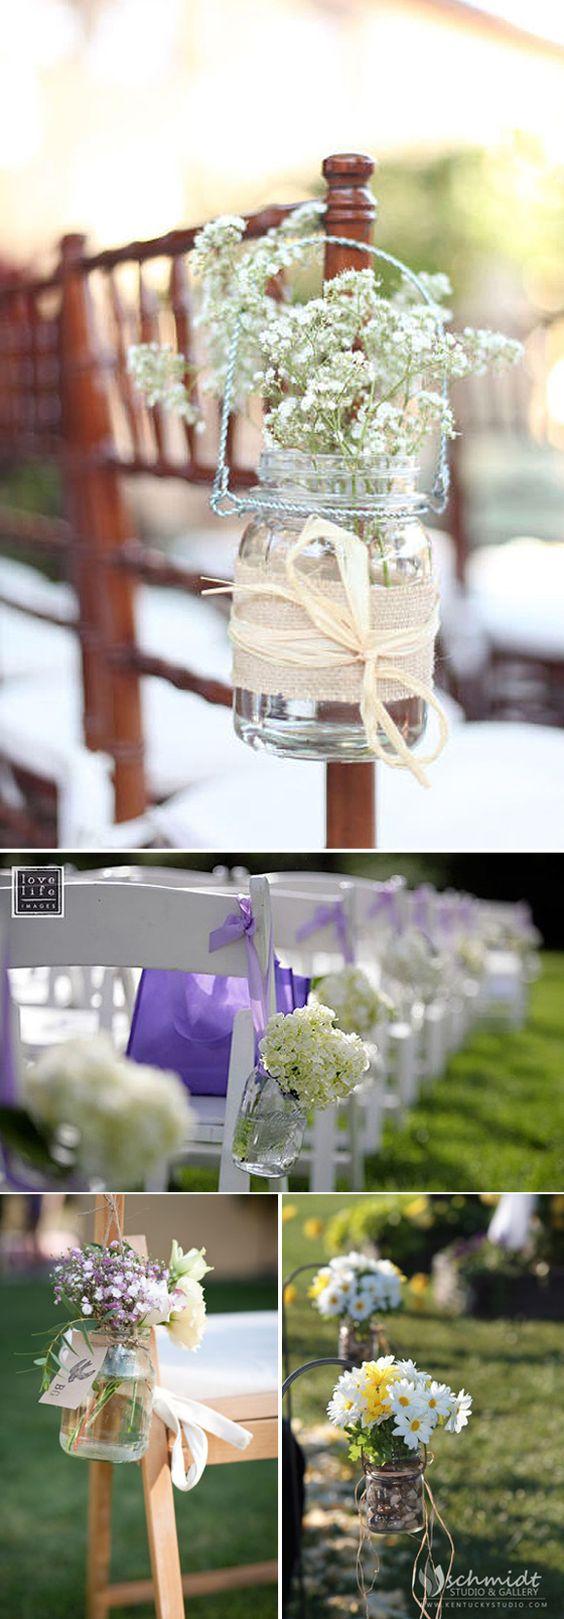 Preciosas botellas de cristal con florecillas de temporada para decorar los pasillos de la ceremonia: